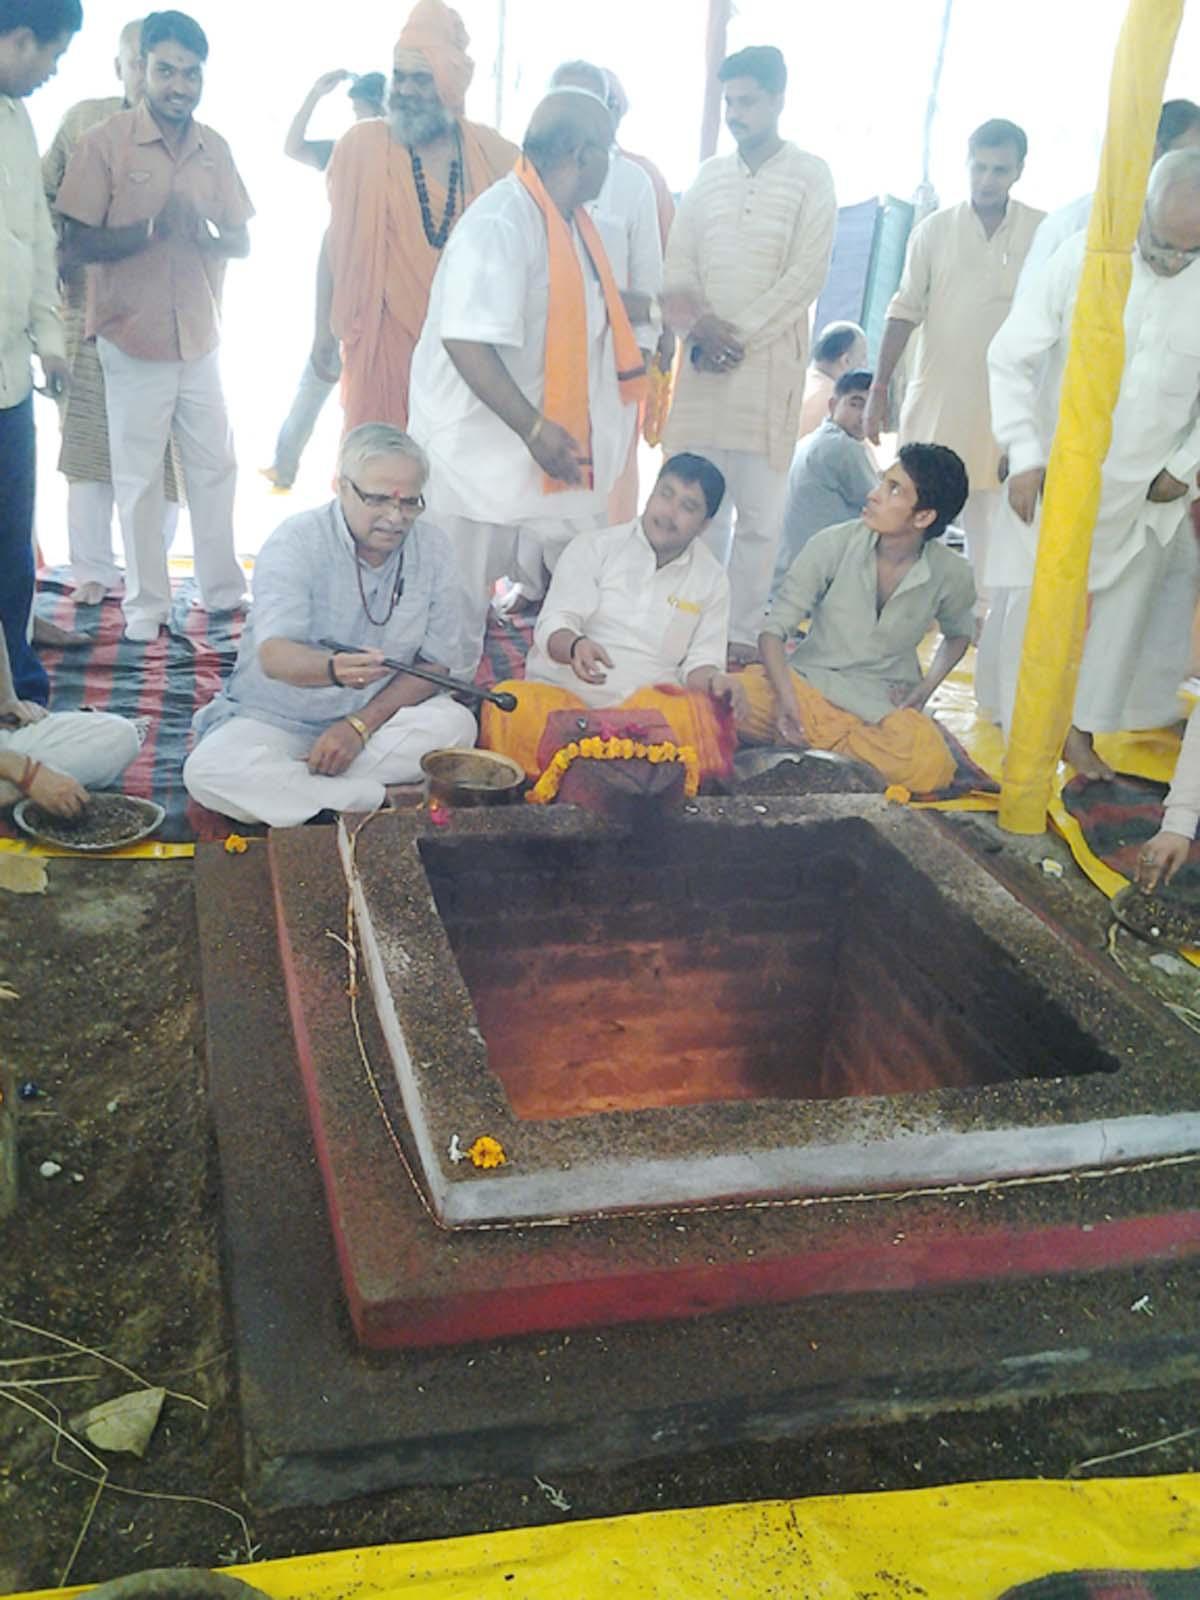 RSS Sarakaryavah Bhaiyyaji Joshi attends special HOMA-HAVAN at Dehradoon,Uttarakhand